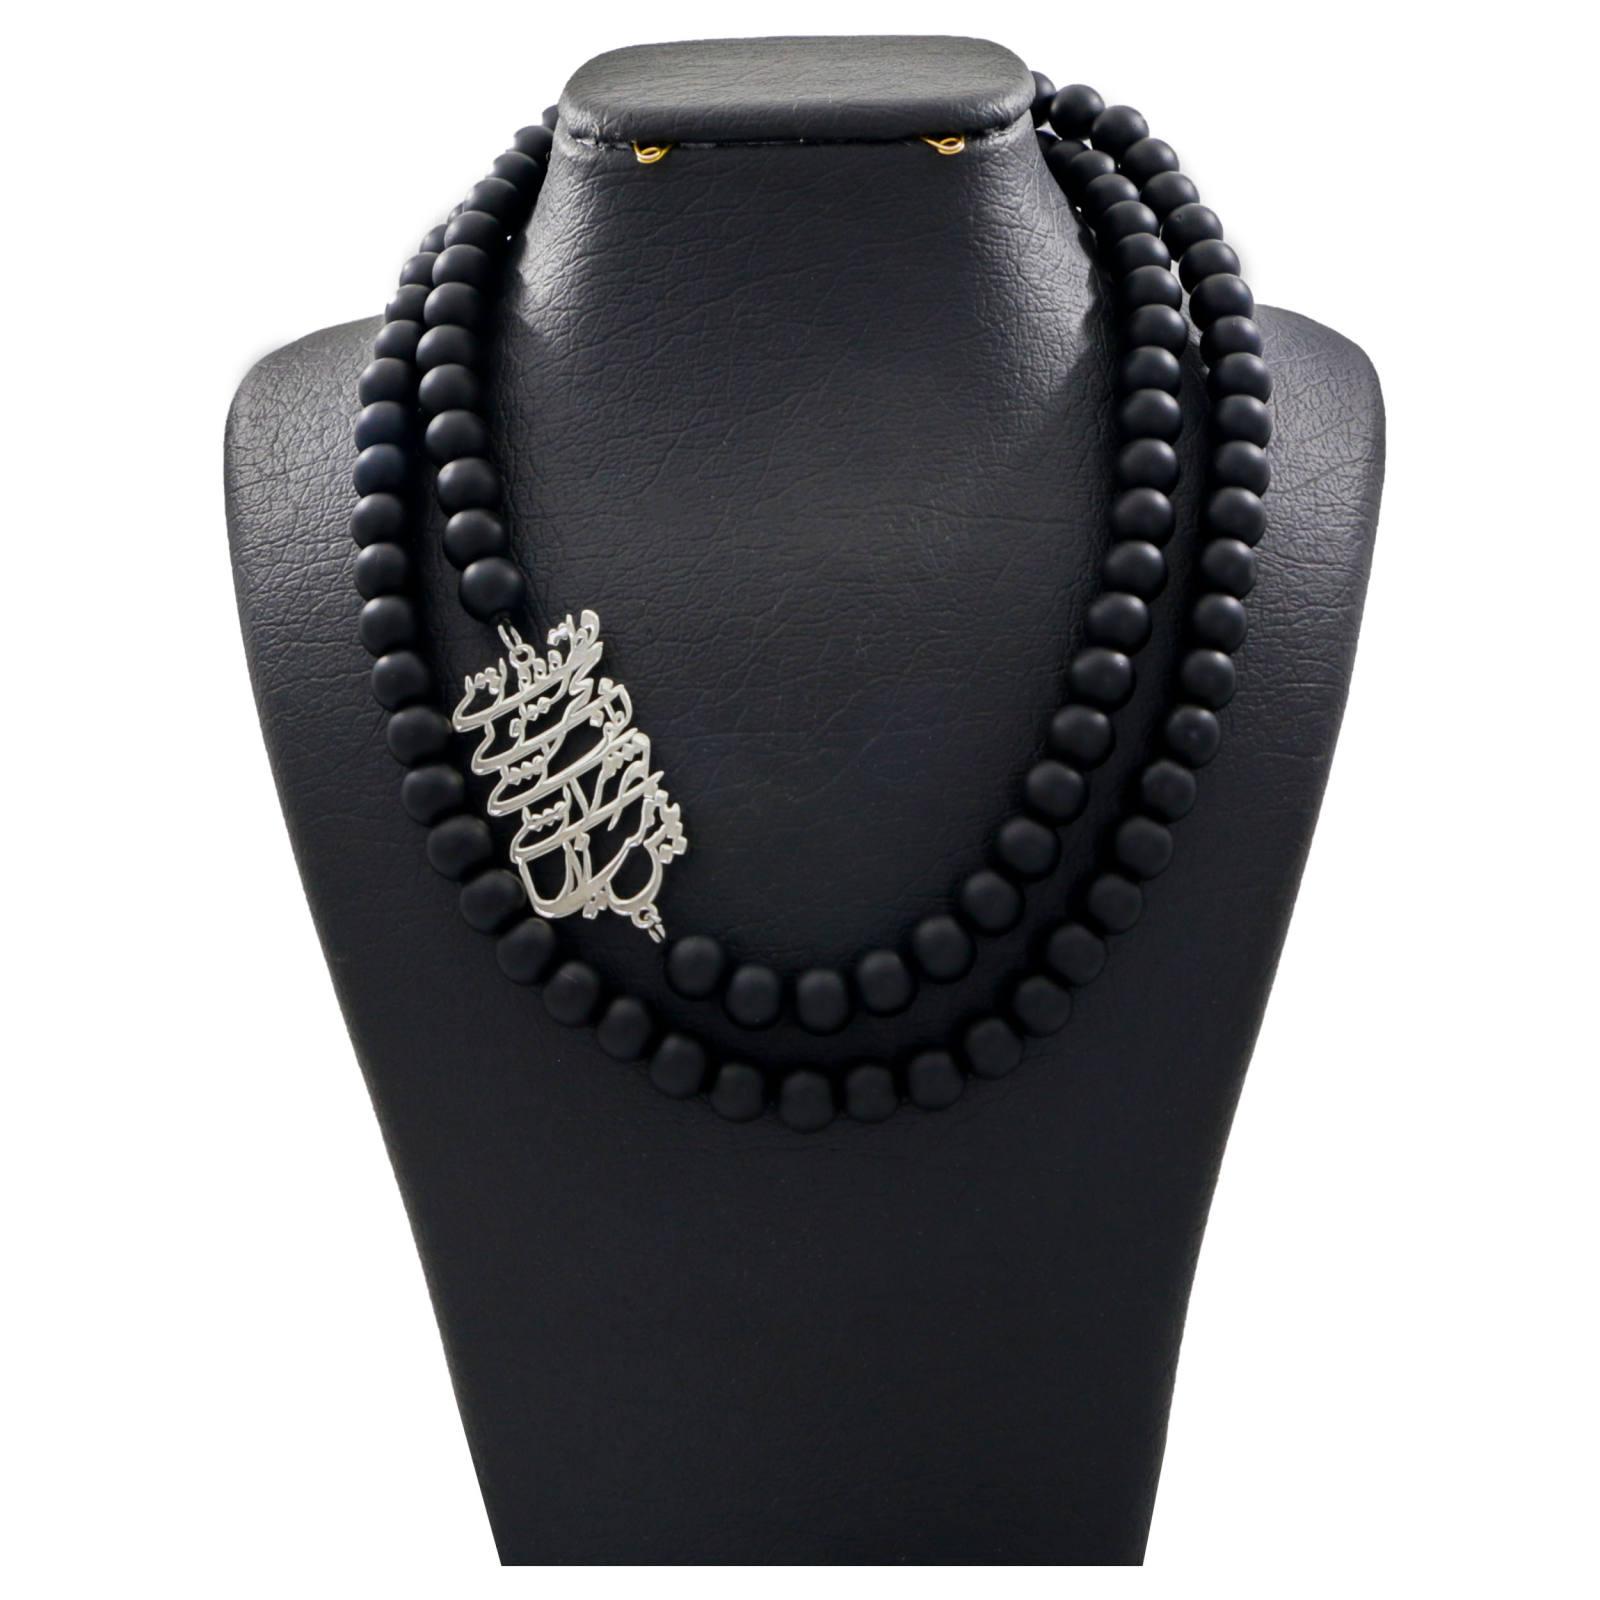 گردنبند نقره زنانه دلی جم طرح قطره تویی بحر تویی کد D 61 -  - 2